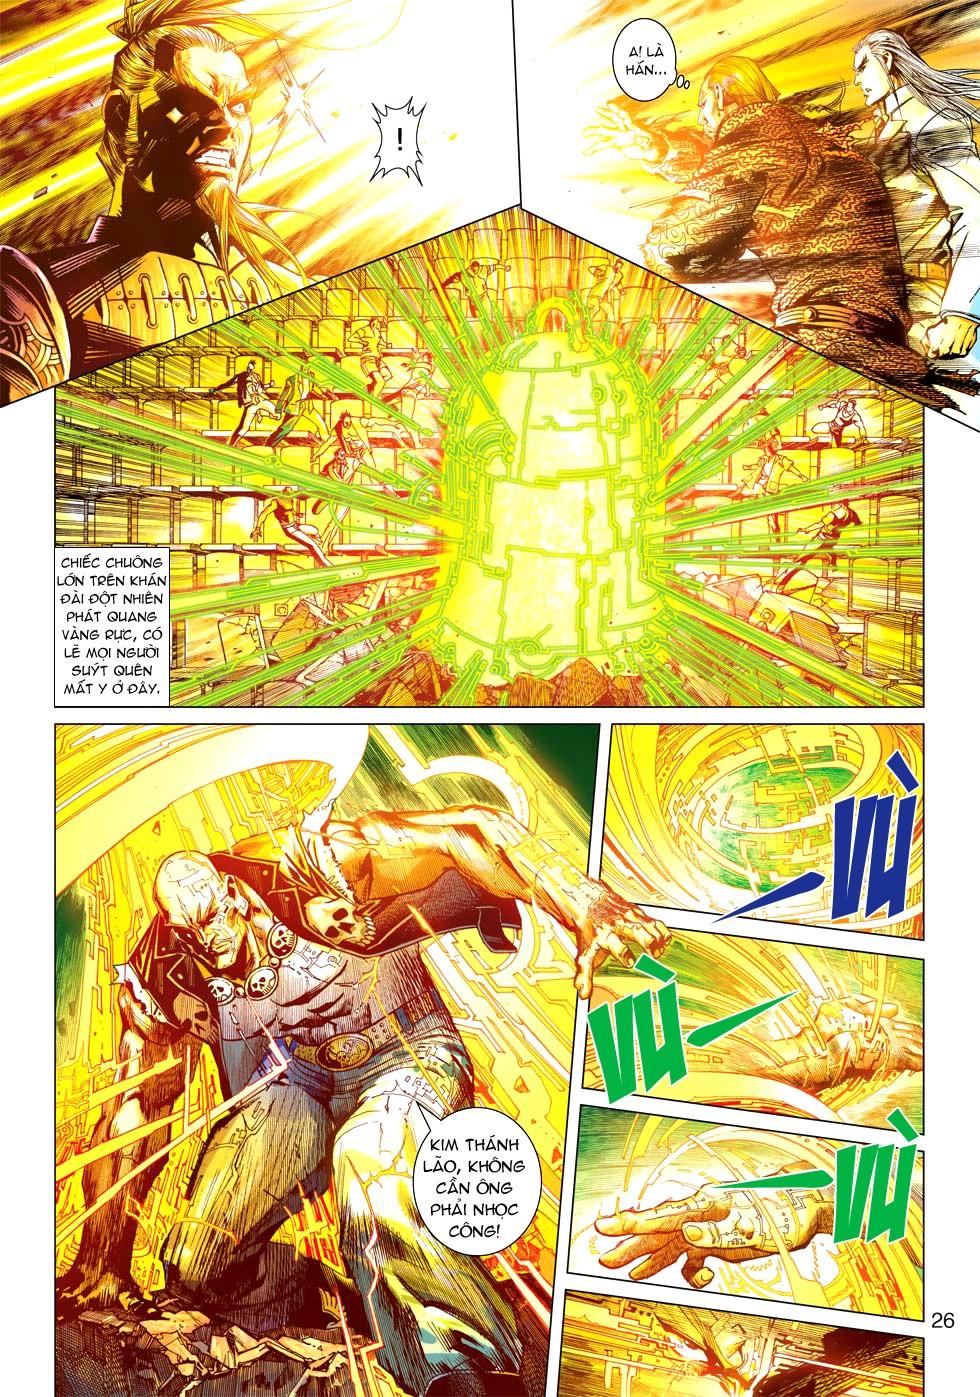 Vương Phong Lôi 1 chap 27 - Trang 23